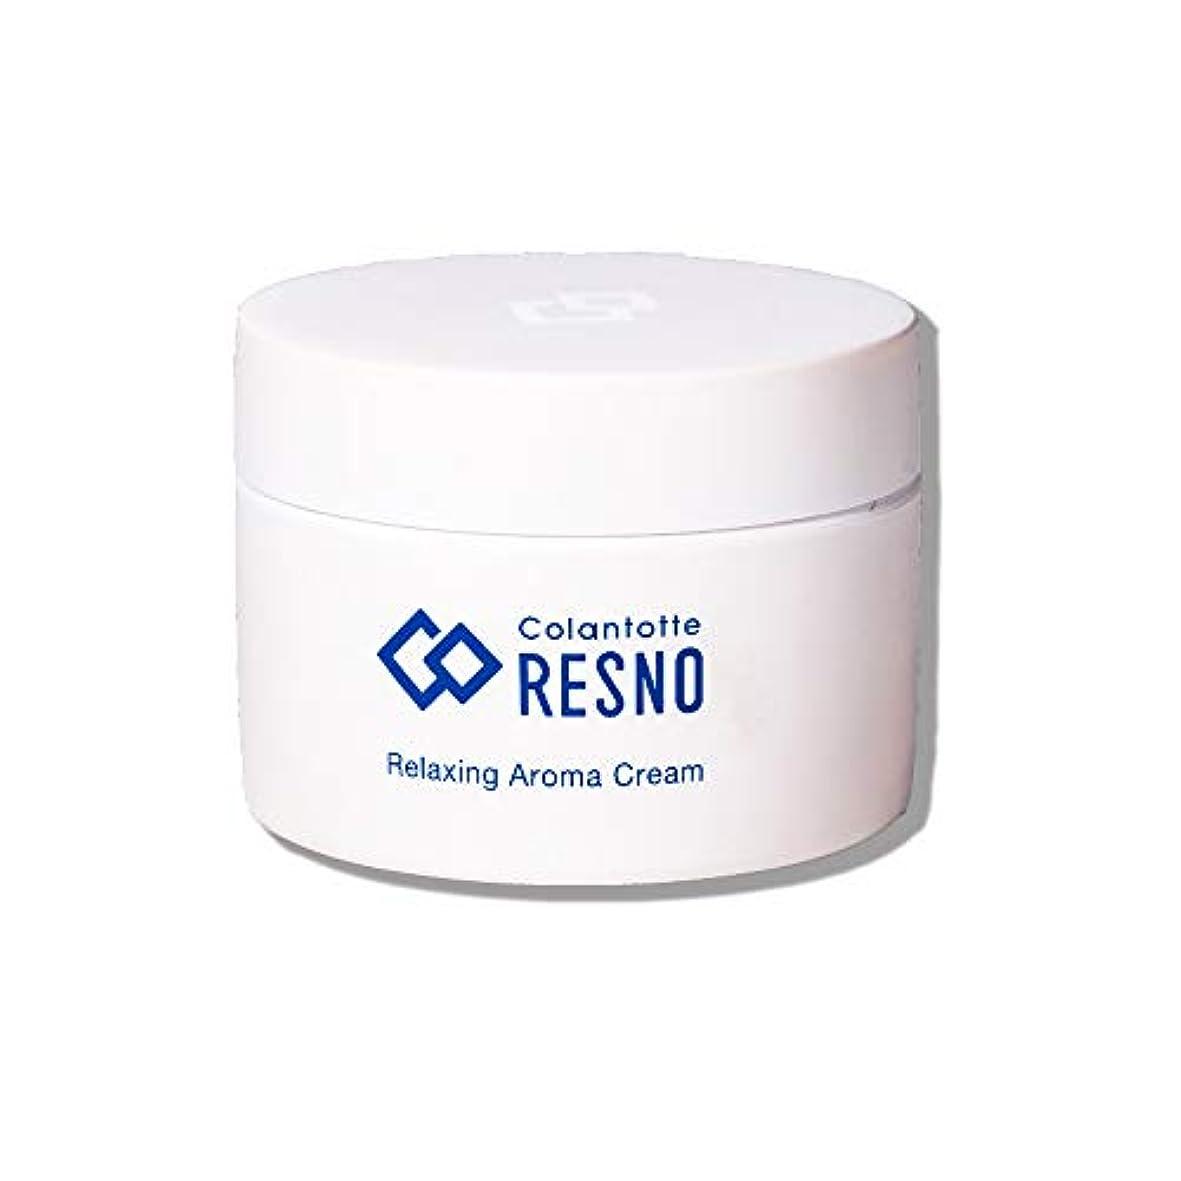 道路を作るプロセス区別するひばりコラントッテ RESNO リラクシング アロマ クリーム 50g colantotte RELAXING AROMA CREAM ボディクリーム